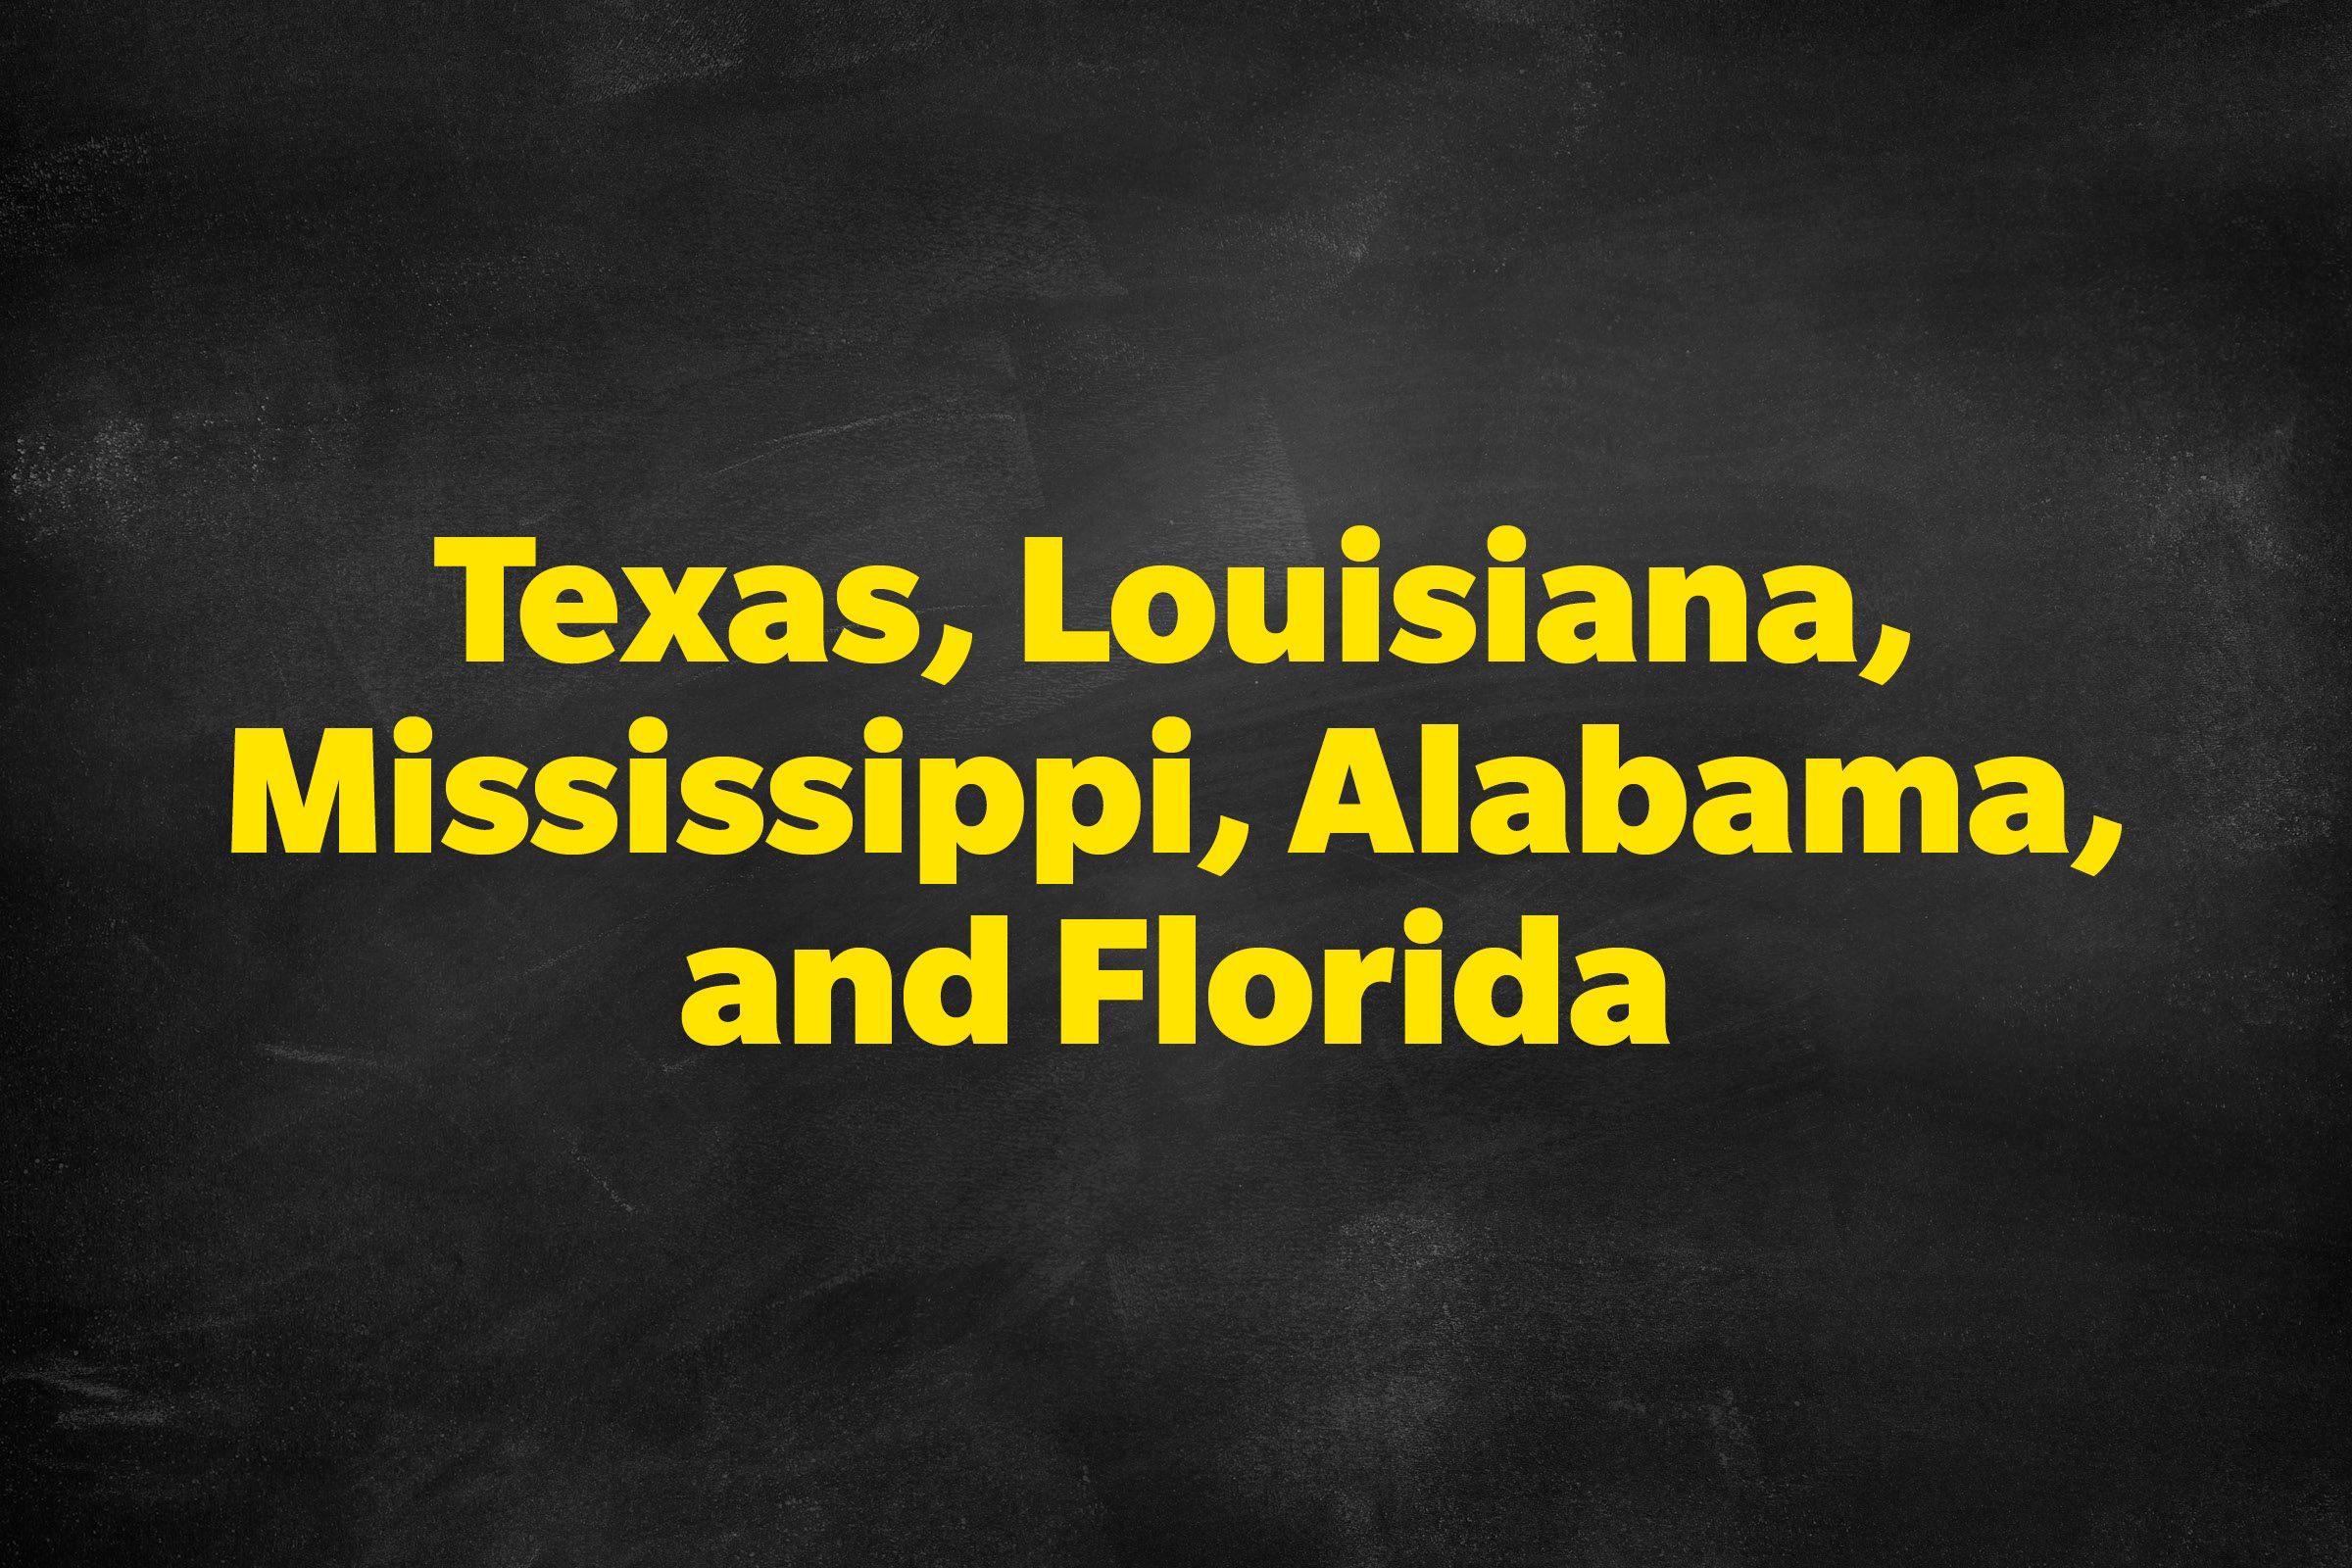 Answer: Texas, Louisiana, Mississippi, Alabama, and Florida